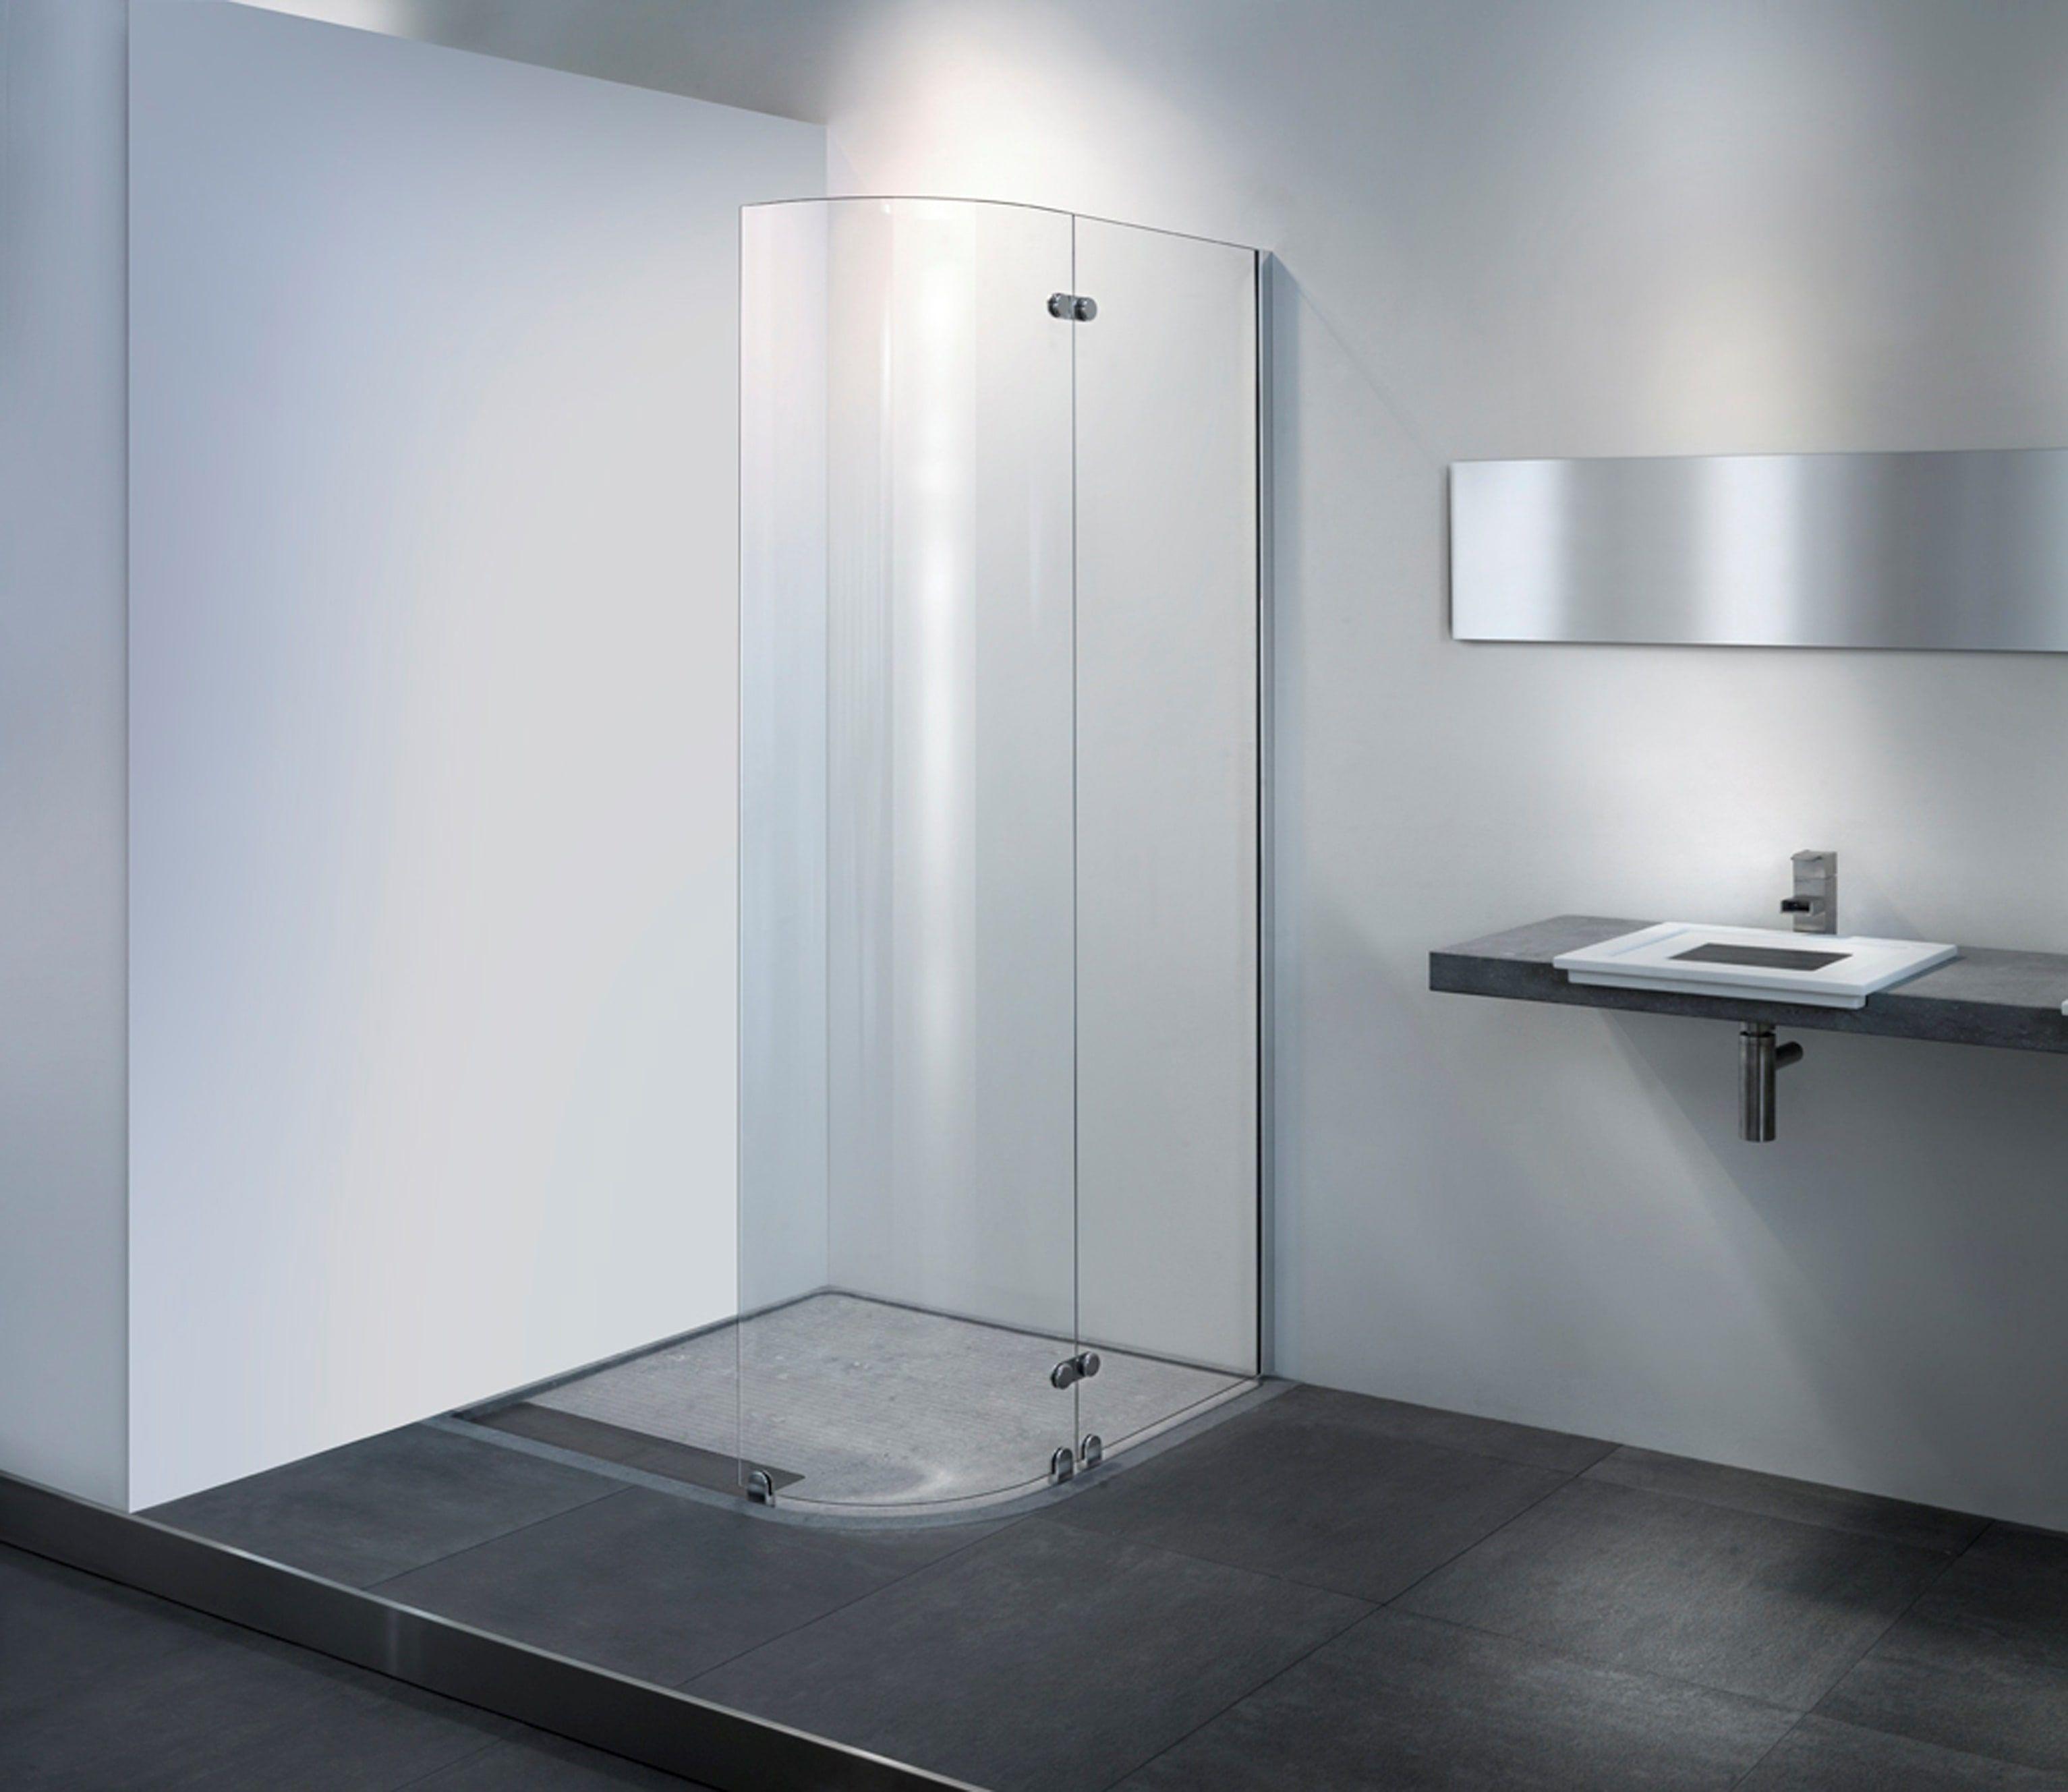 deze inloopdouche bestaat uit een rechte douchewand met een